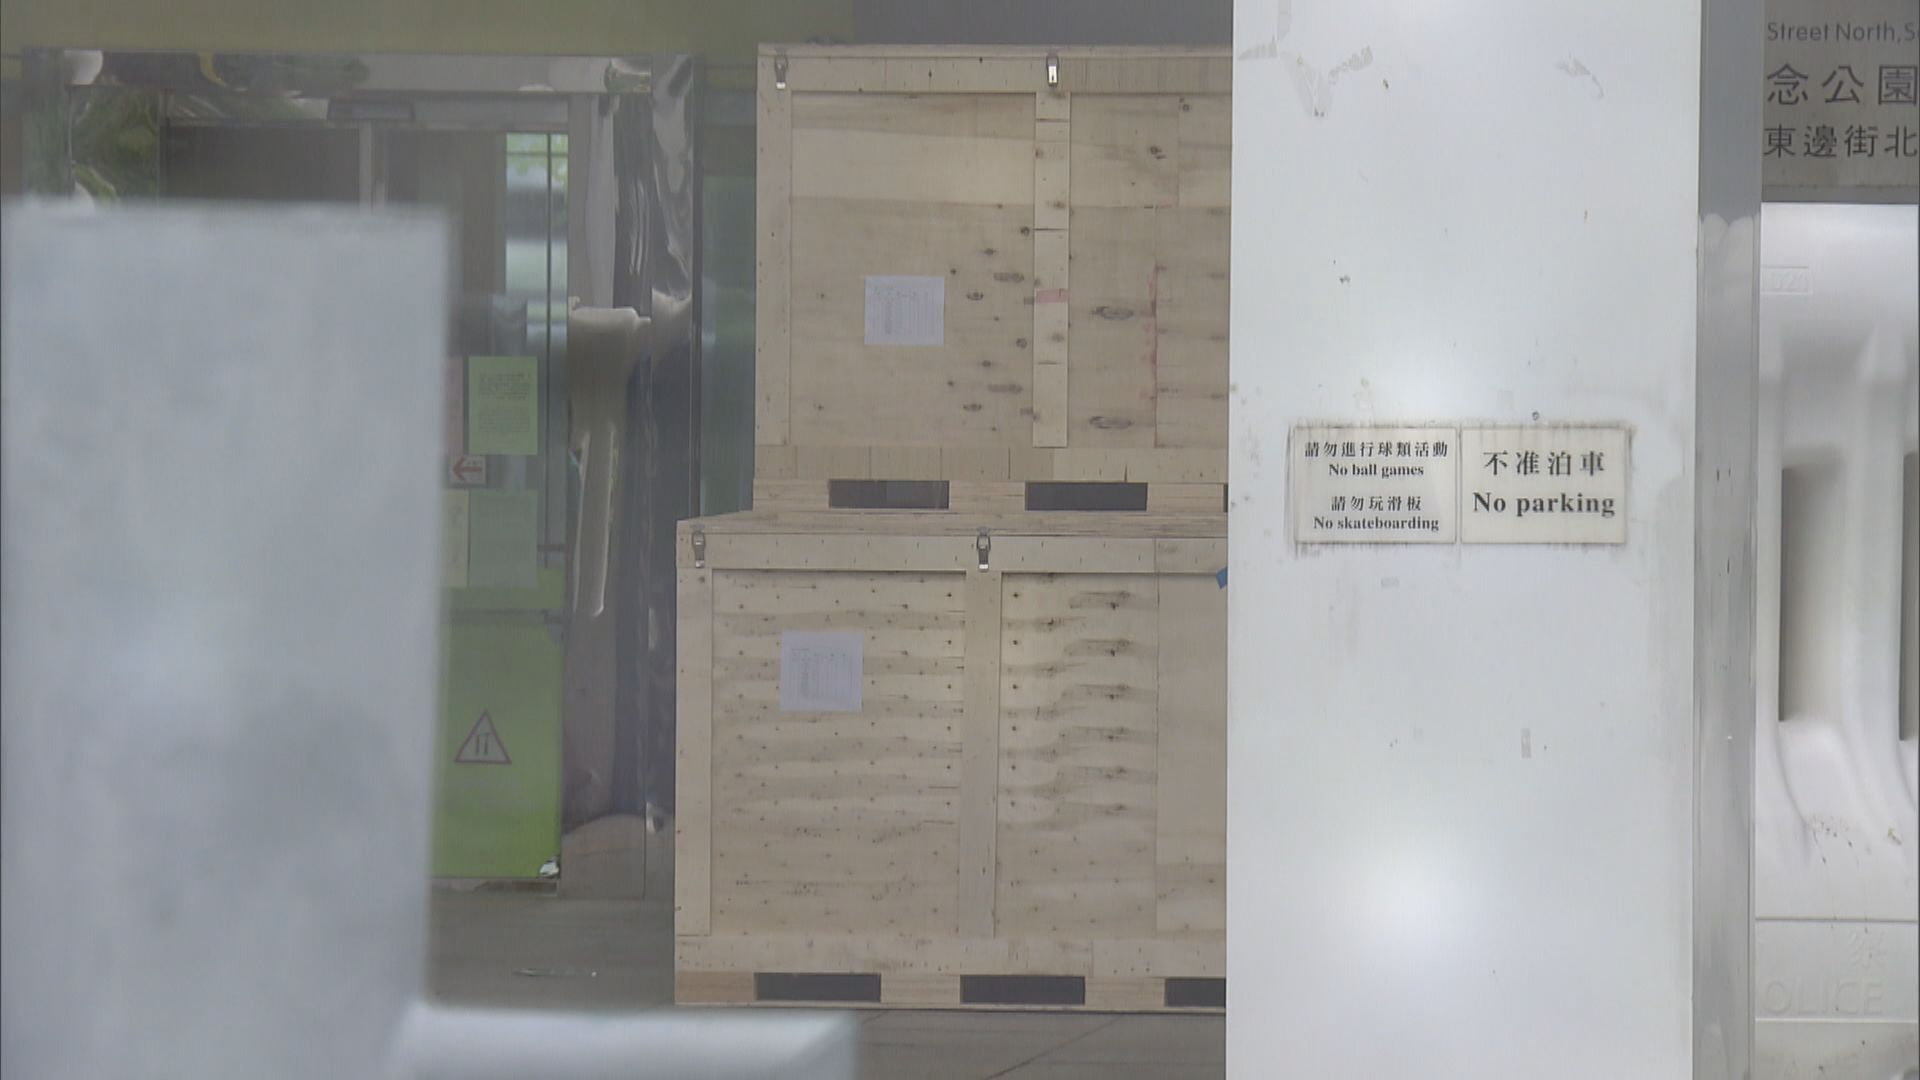 張建宗稱中山紀念公園臨時氣膜實驗室不會影響民居